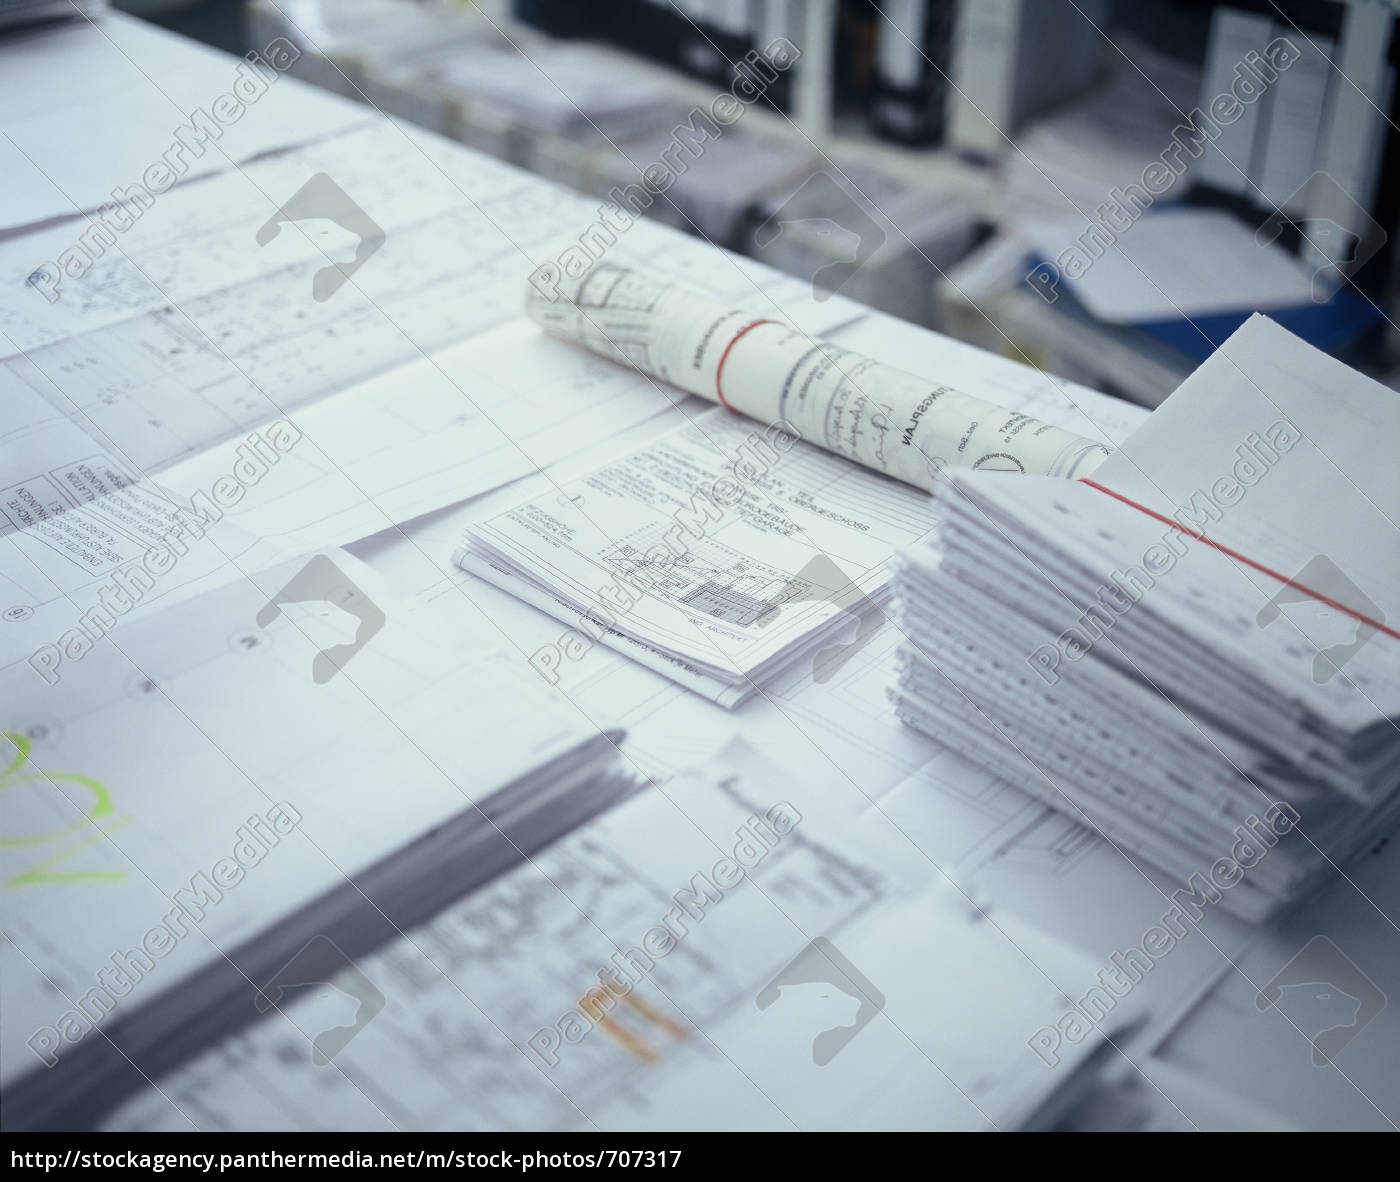 architectural, plans - 707317